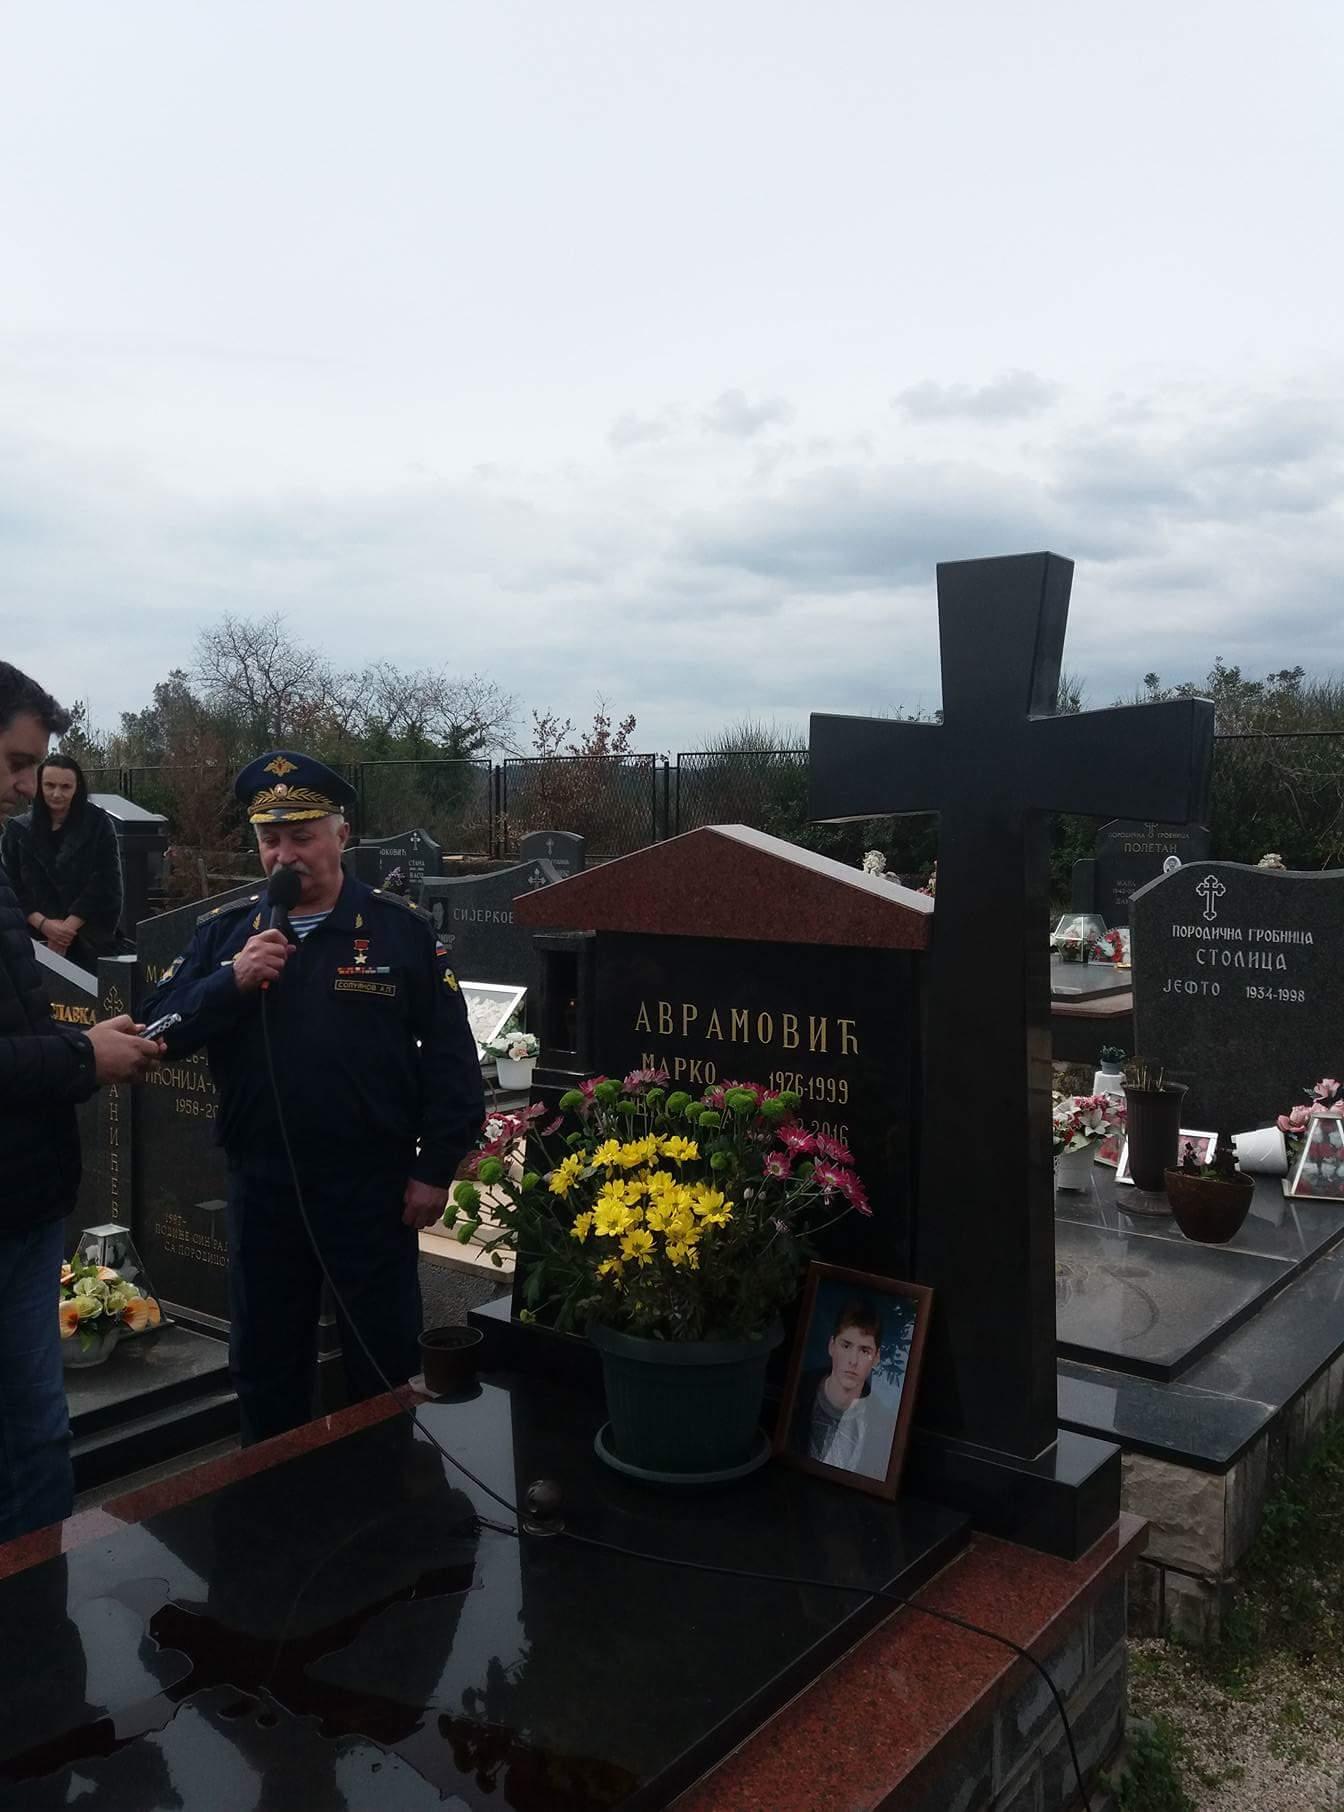 Са гроба палог хероја Марка Аврамовића у Тивту